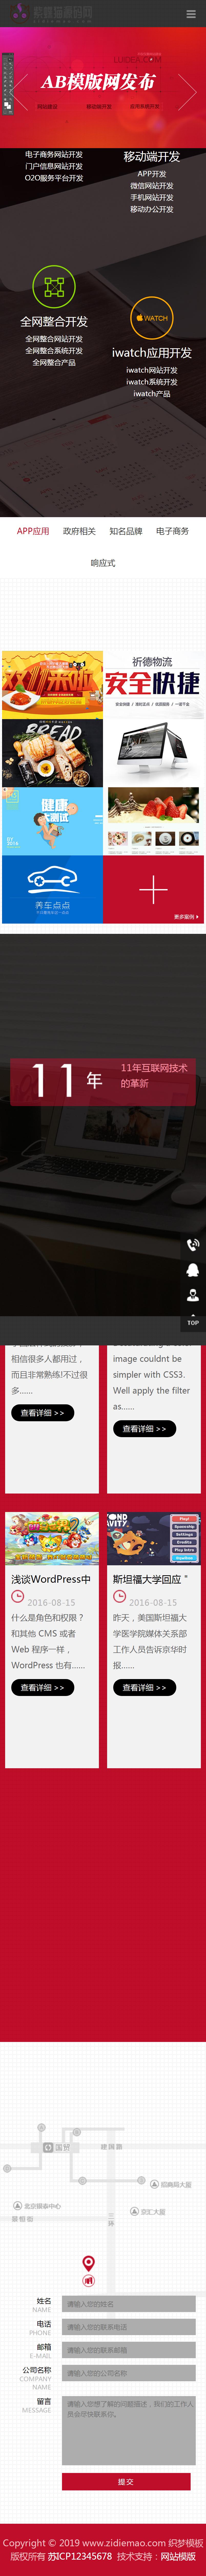 织梦网络设计工作室网站模板